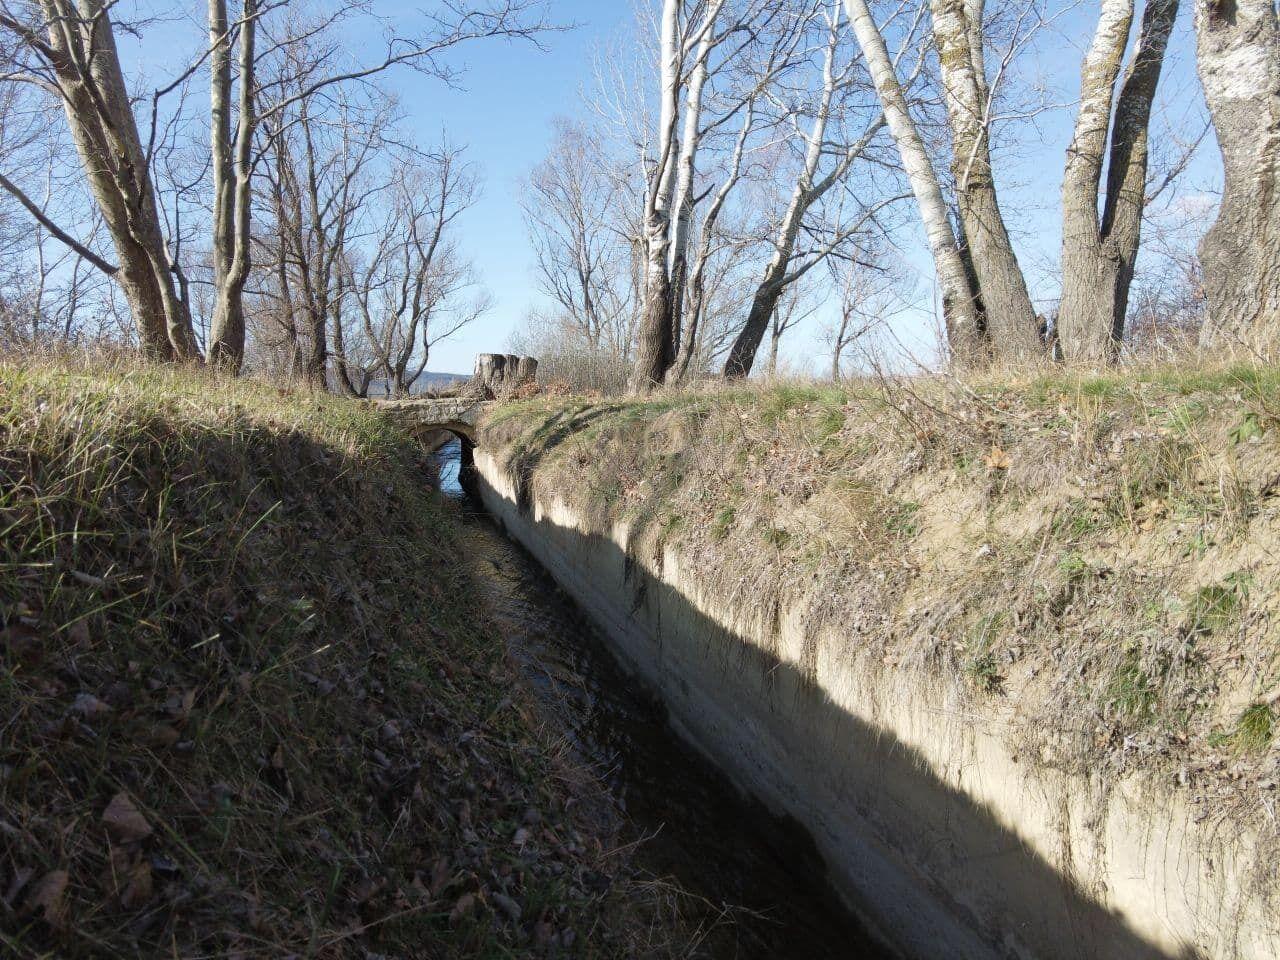 Потоки, которые питали Бахчисарайское водохранилище, почти пересохли.